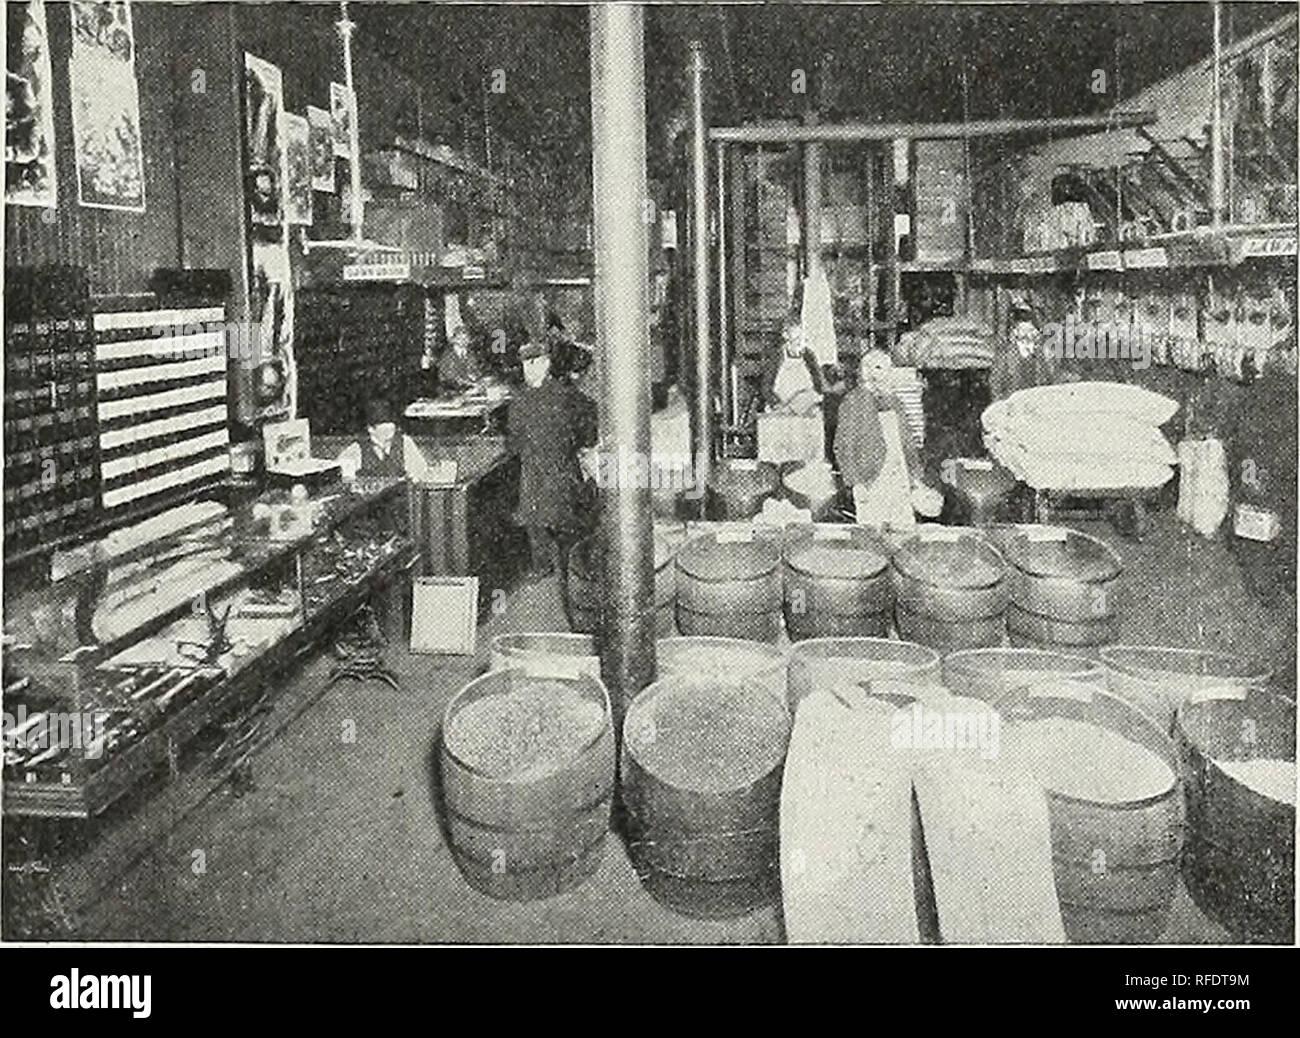 """. Alfred J. Brown Seed Co.: producteurs, négociants et importateurs. Grand Rapids Michigan pépinière; catalogues de semences de légumes, graines de fleurs Catalogues Catalogues. Il y a par- pad un peu de gens dans le commerce des semences qui continuent de ternir les semenciers qui s'efforcent de faire une entreprise légitime. Le plus souvent, vous trouverez de telles personnes sont comme """"bon marché"""" que les graines qu'ils vendent. L'homme sage qui a la récolte en vue sait très bien ce que c'est de planter des graines de caractère douteux. Plusieurs fois, un ensemble de la saison est perdue, l'argent et de temps perdu, par la plantation de graines qui vous ont peut-être raison Photo Stock"""